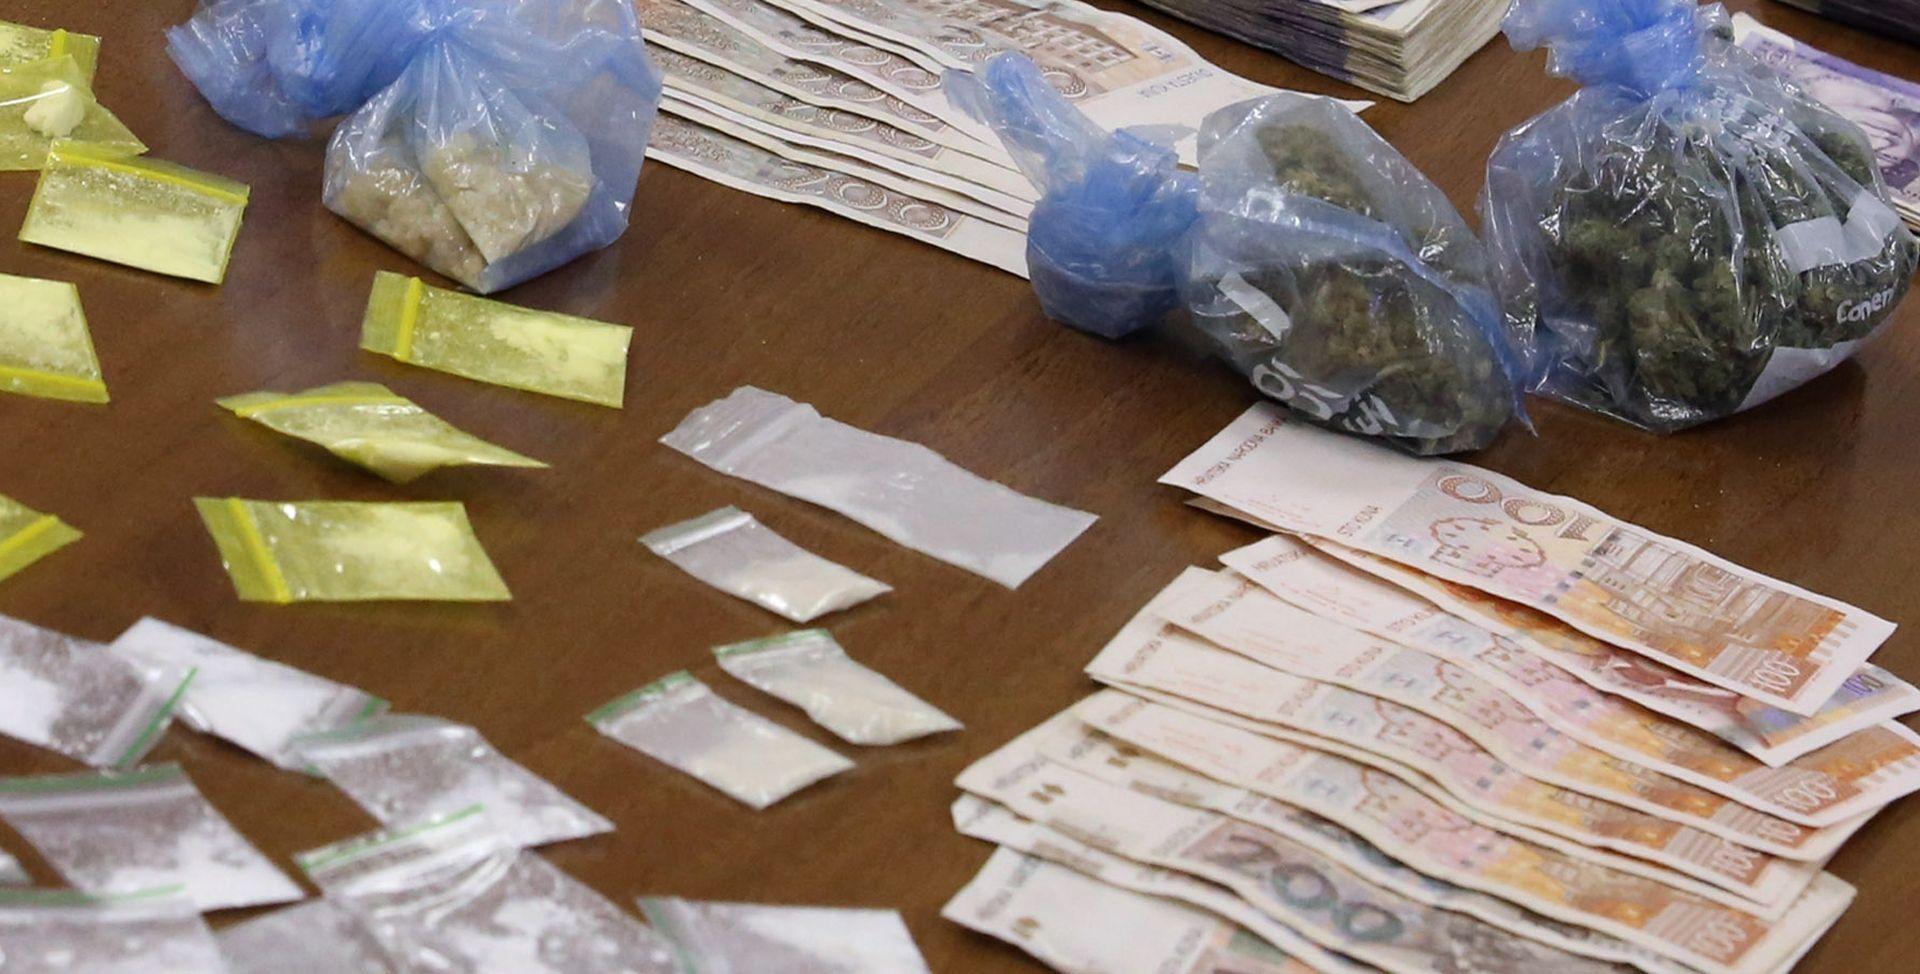 UHIĆENJE I ZAPLJENA: Dilerski par pritvoren zbog preprodaje marihuane, hašiša, MDMA i amfetamina